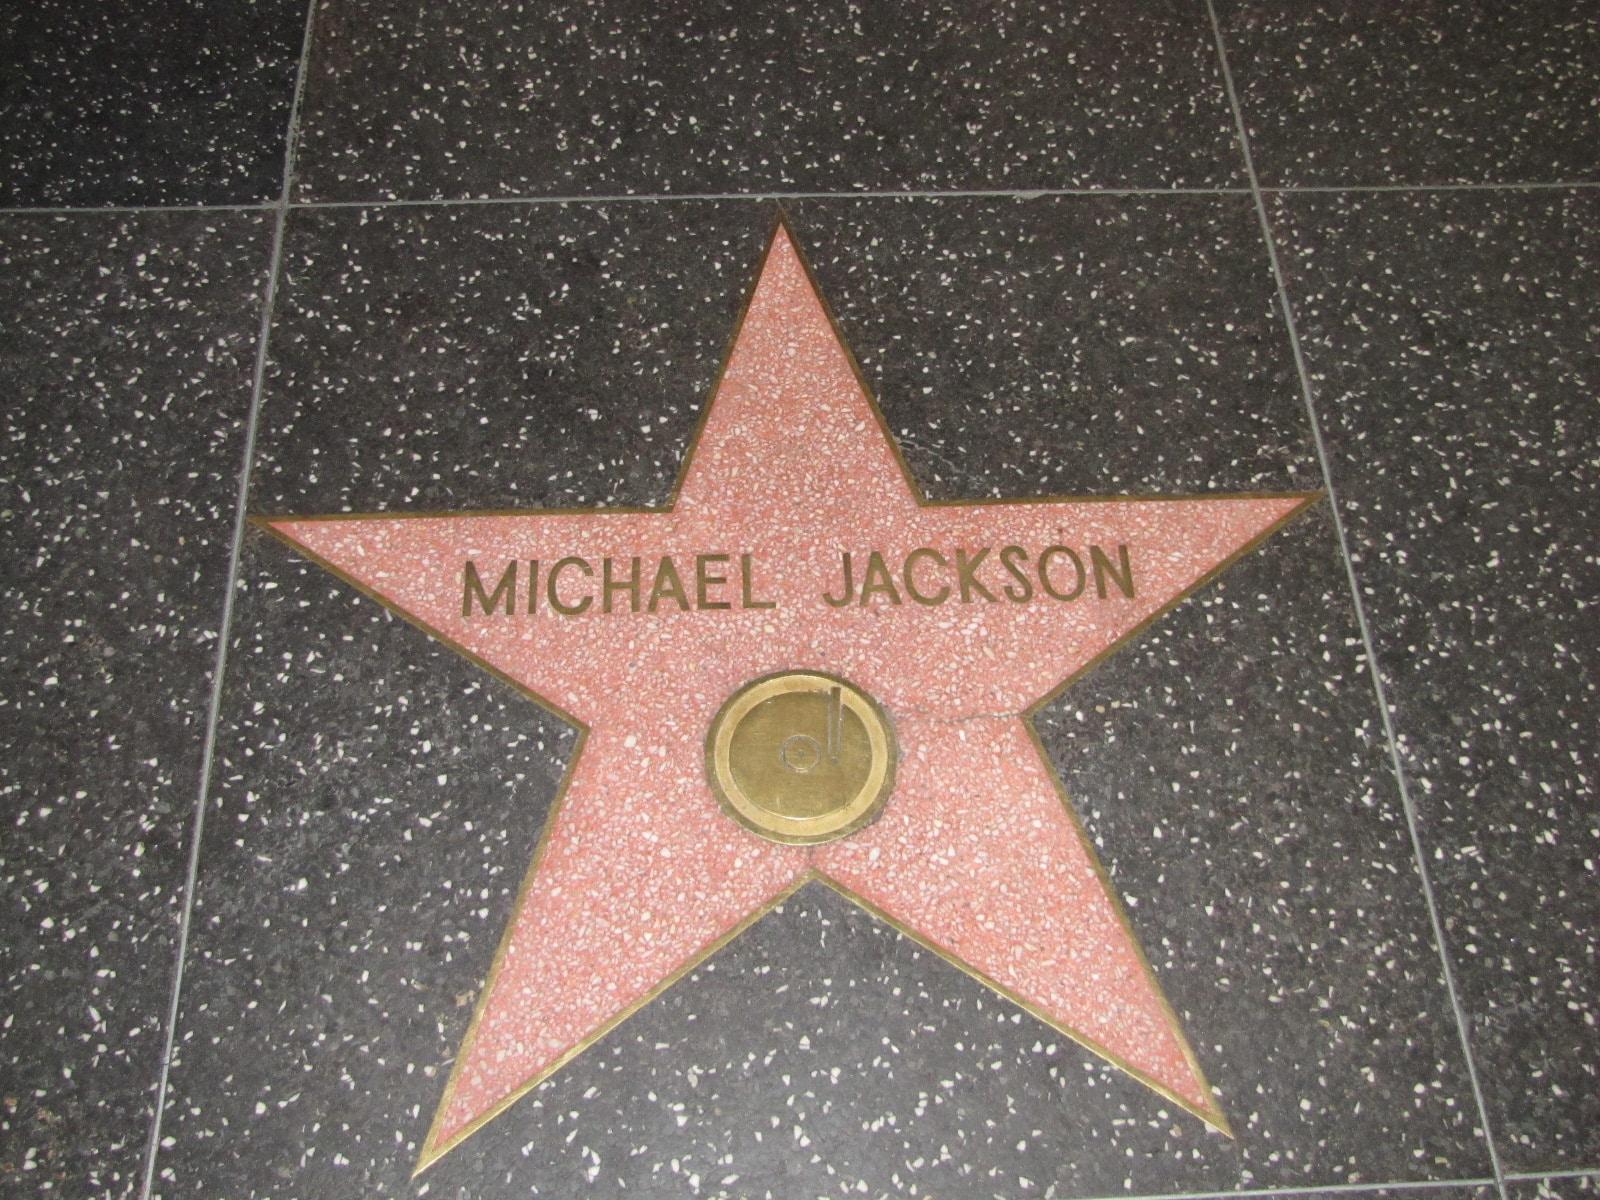 étoile de Michael Jackson pour les fans